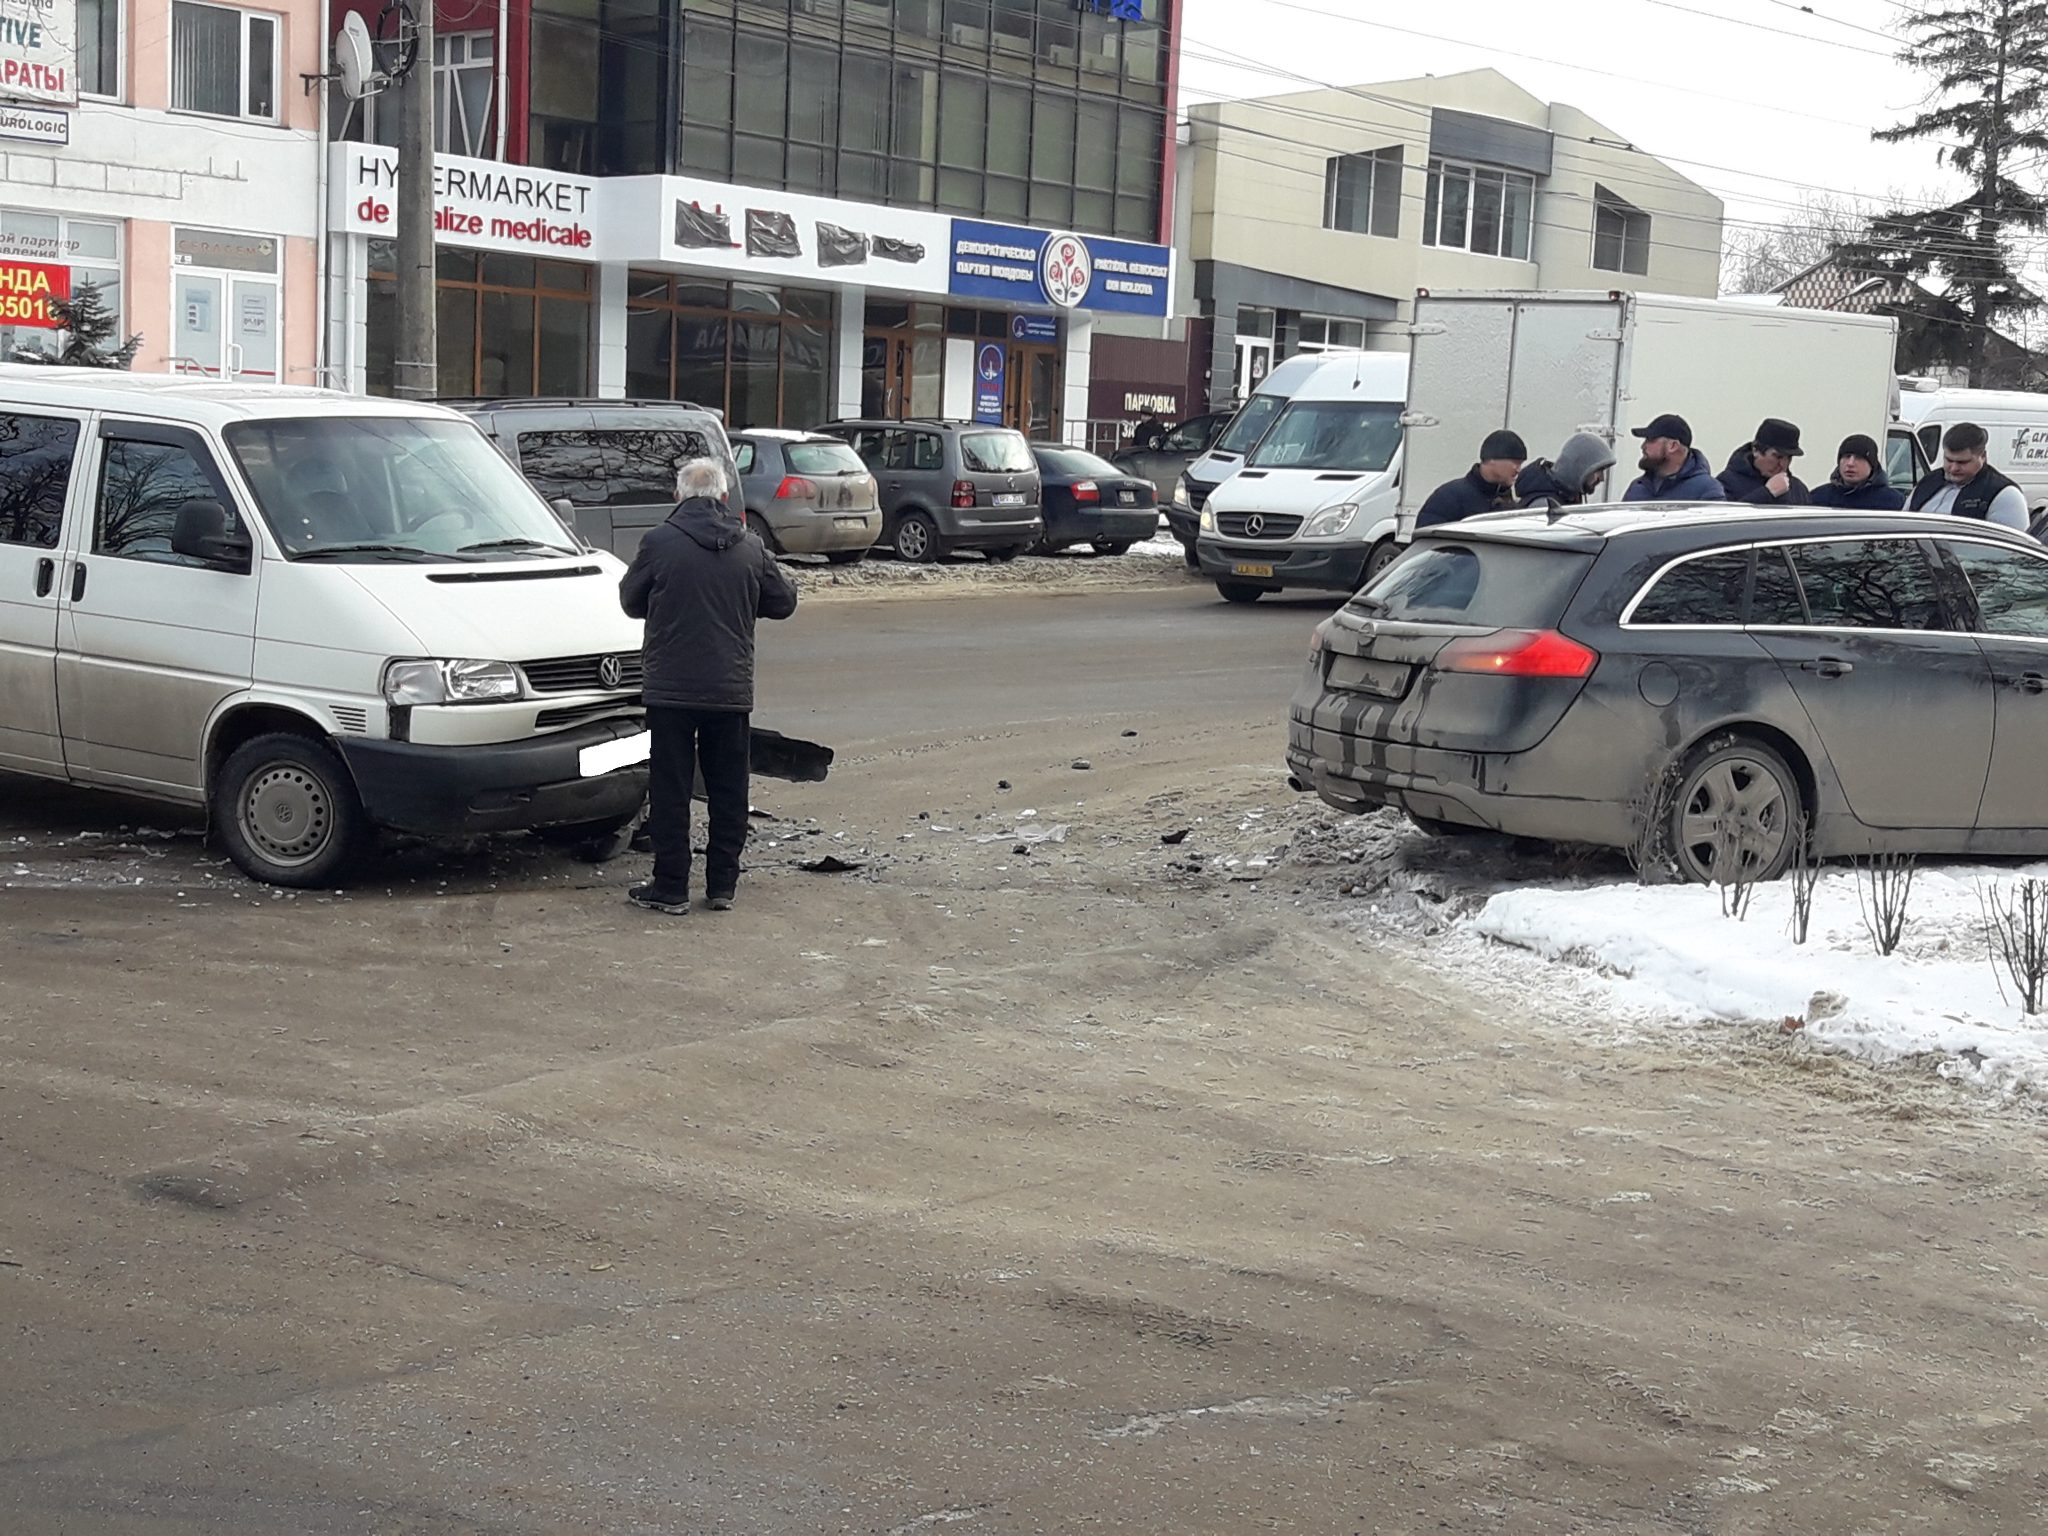 FOTO/VIDEO   Accident rutier în fața sediului Partidului Democrat din Bălți